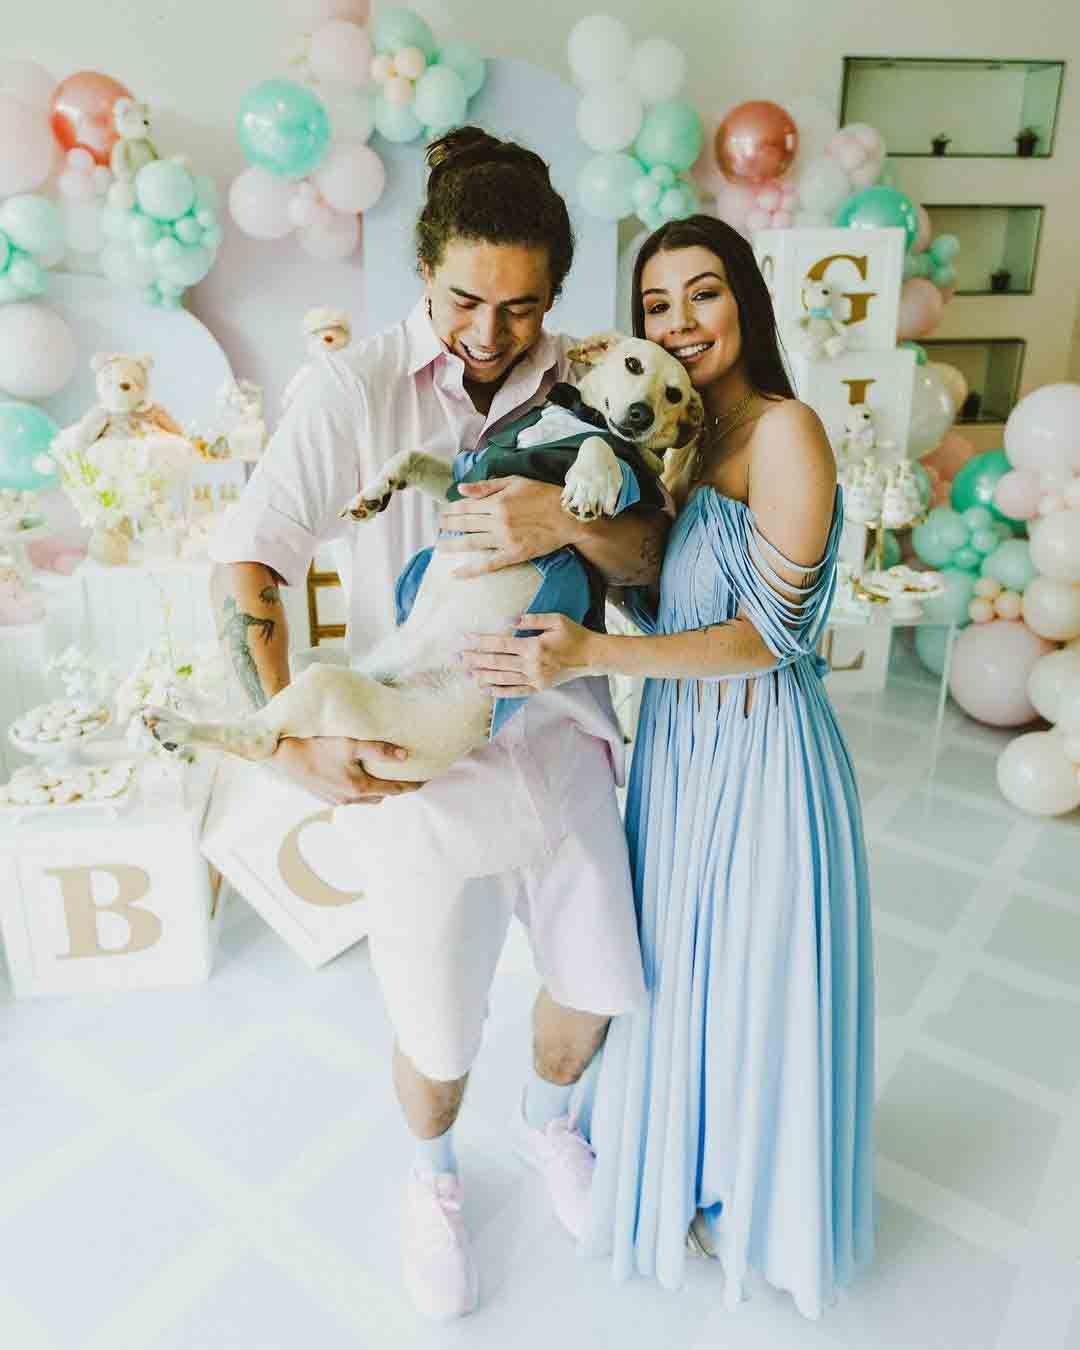 Whindersson e Maria Lina revelaram o sexo do bebê no último sábado (6), em uma cerimônia com a família na qual o humorista aproveitou a celebração para pedi-la em casamento. Foto: Reprodução Instagram